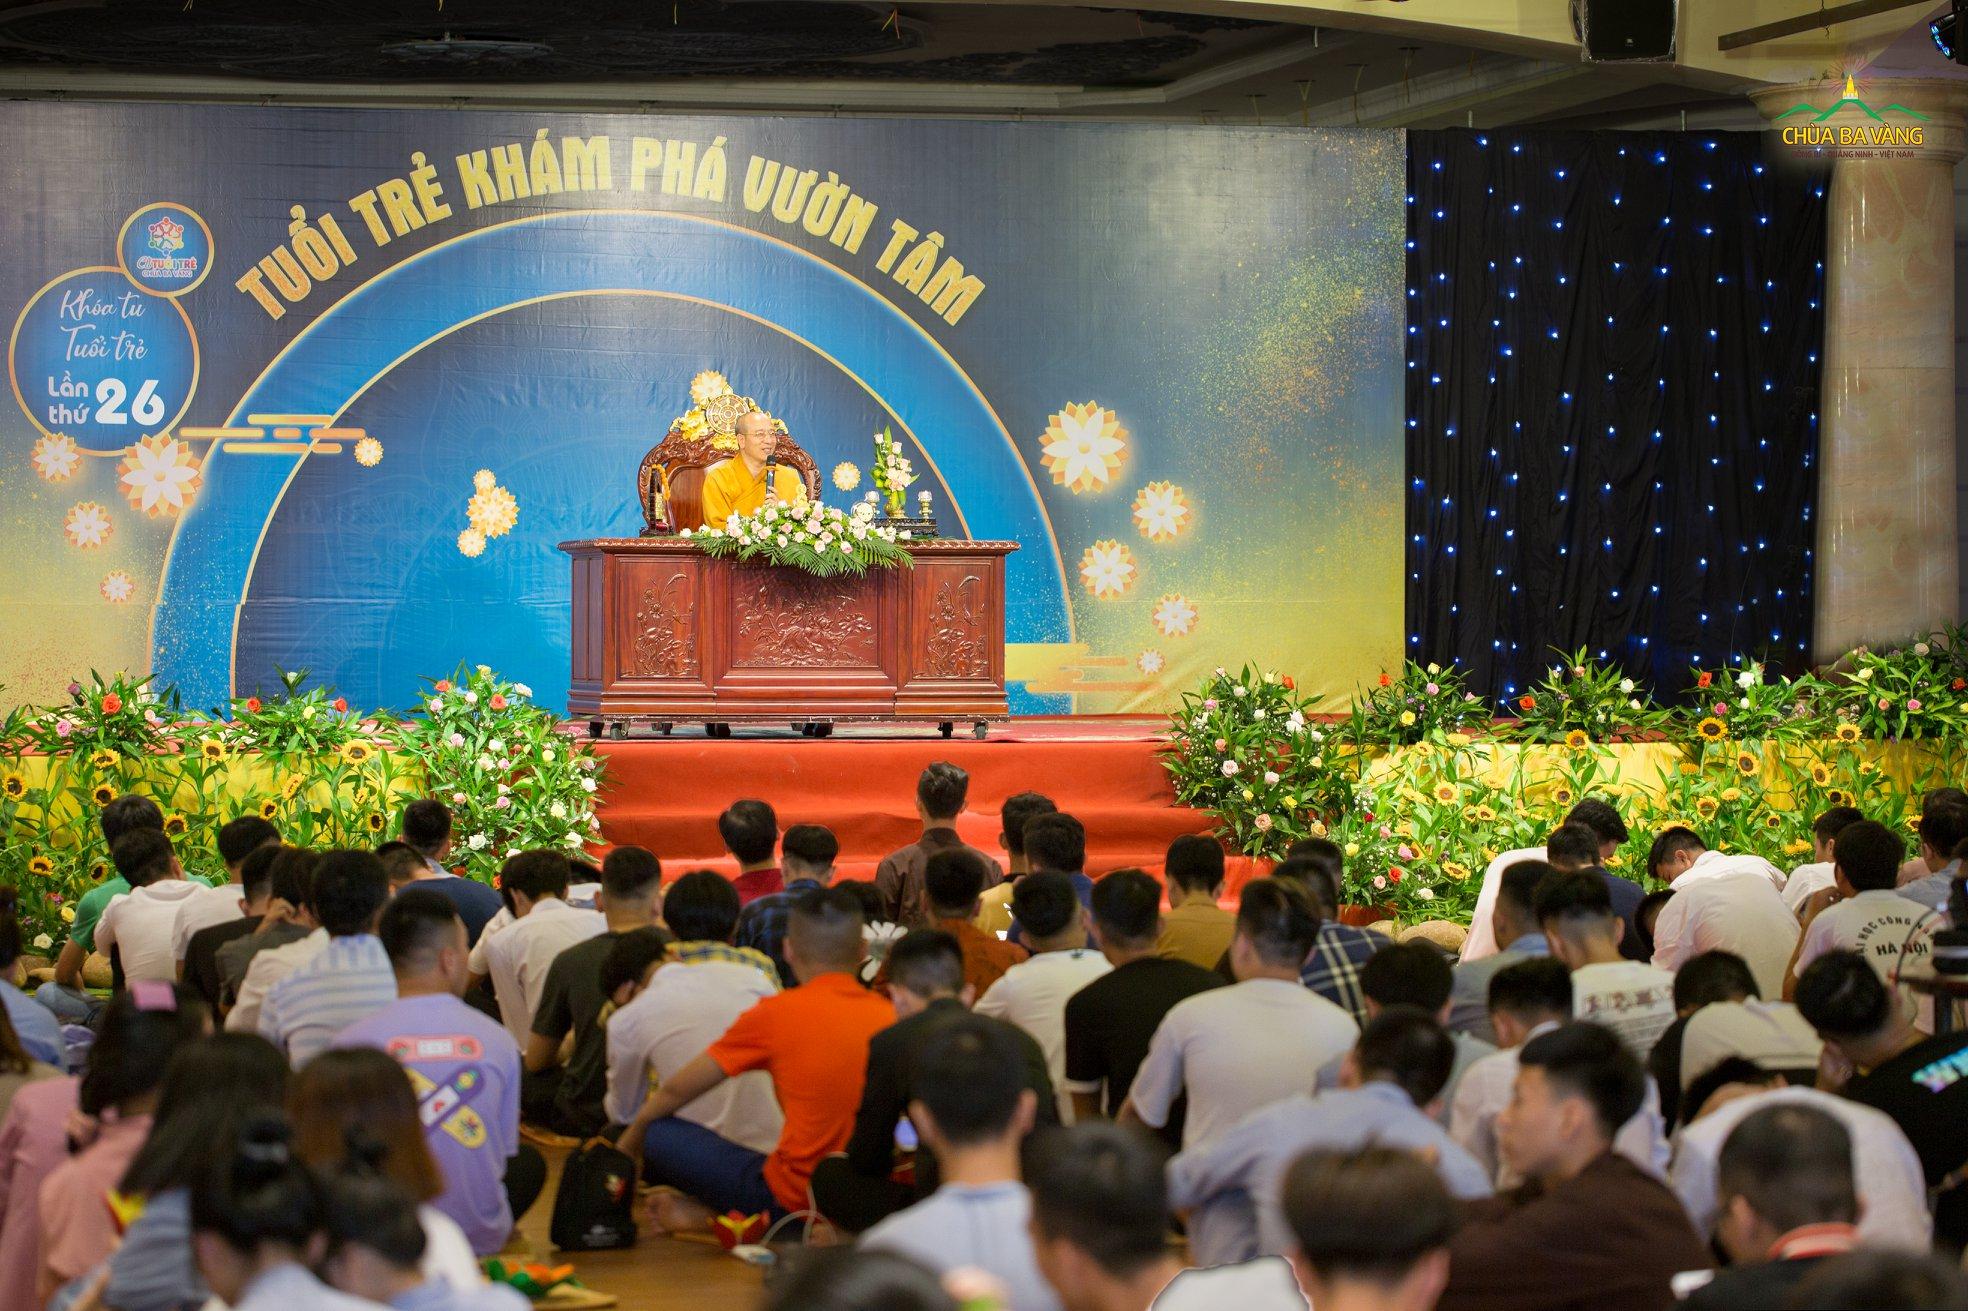 CLB Tuệ Tâm trở về Nhà tu học Phật Pháp và tiếp tục hành trình khám phá vườn tâm